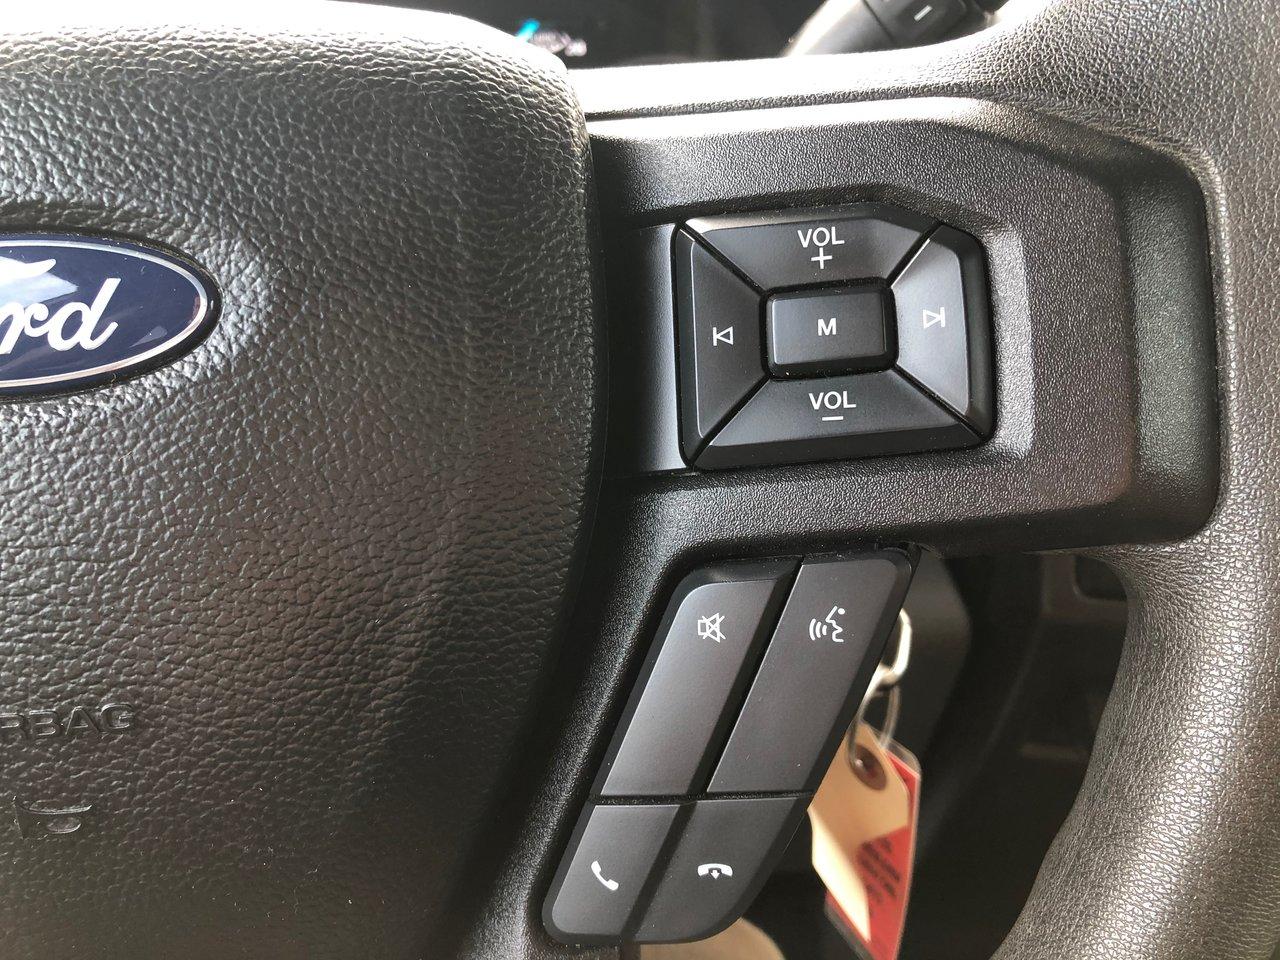 2018 Ford Super Duty F-250 SRW XLT 6.7L POWERSRTOKE, FX4